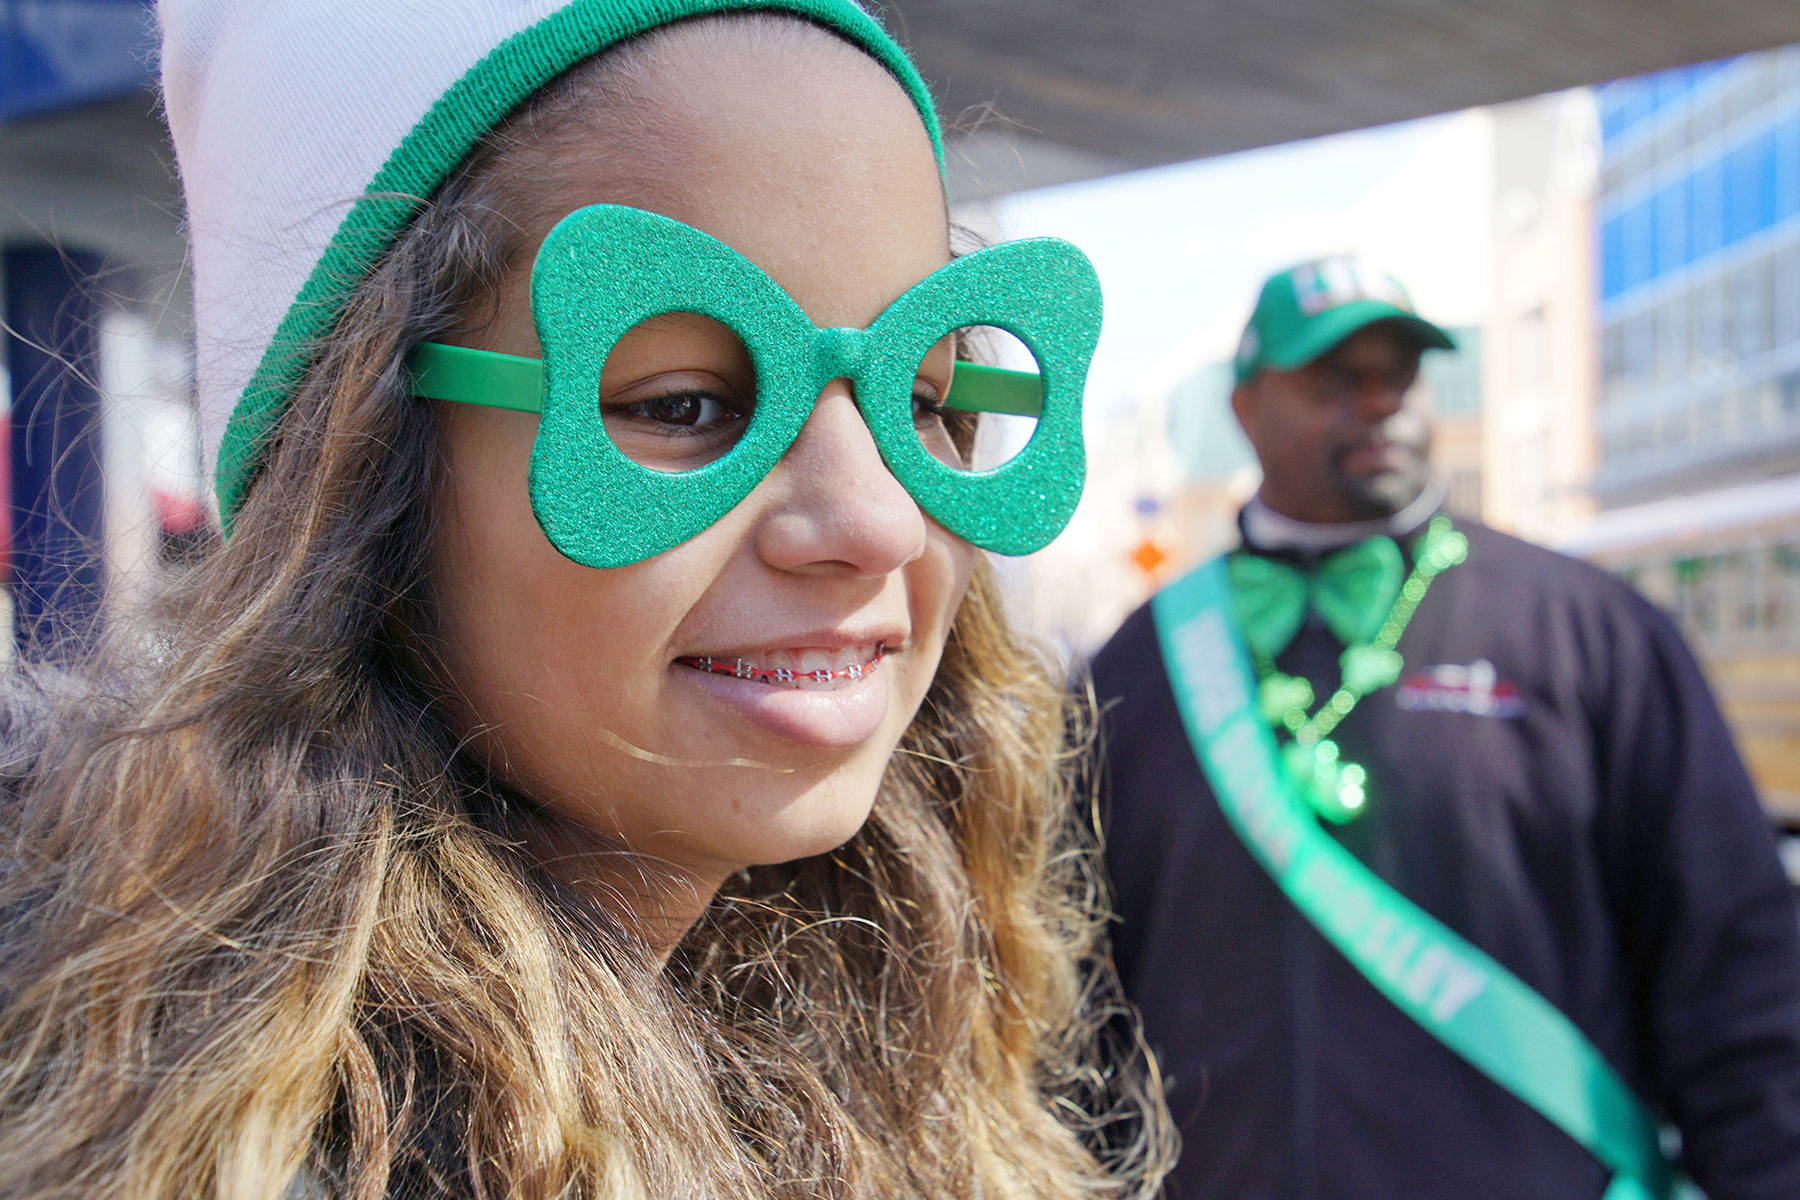 03_031018_stpatricksdayparade52_0389